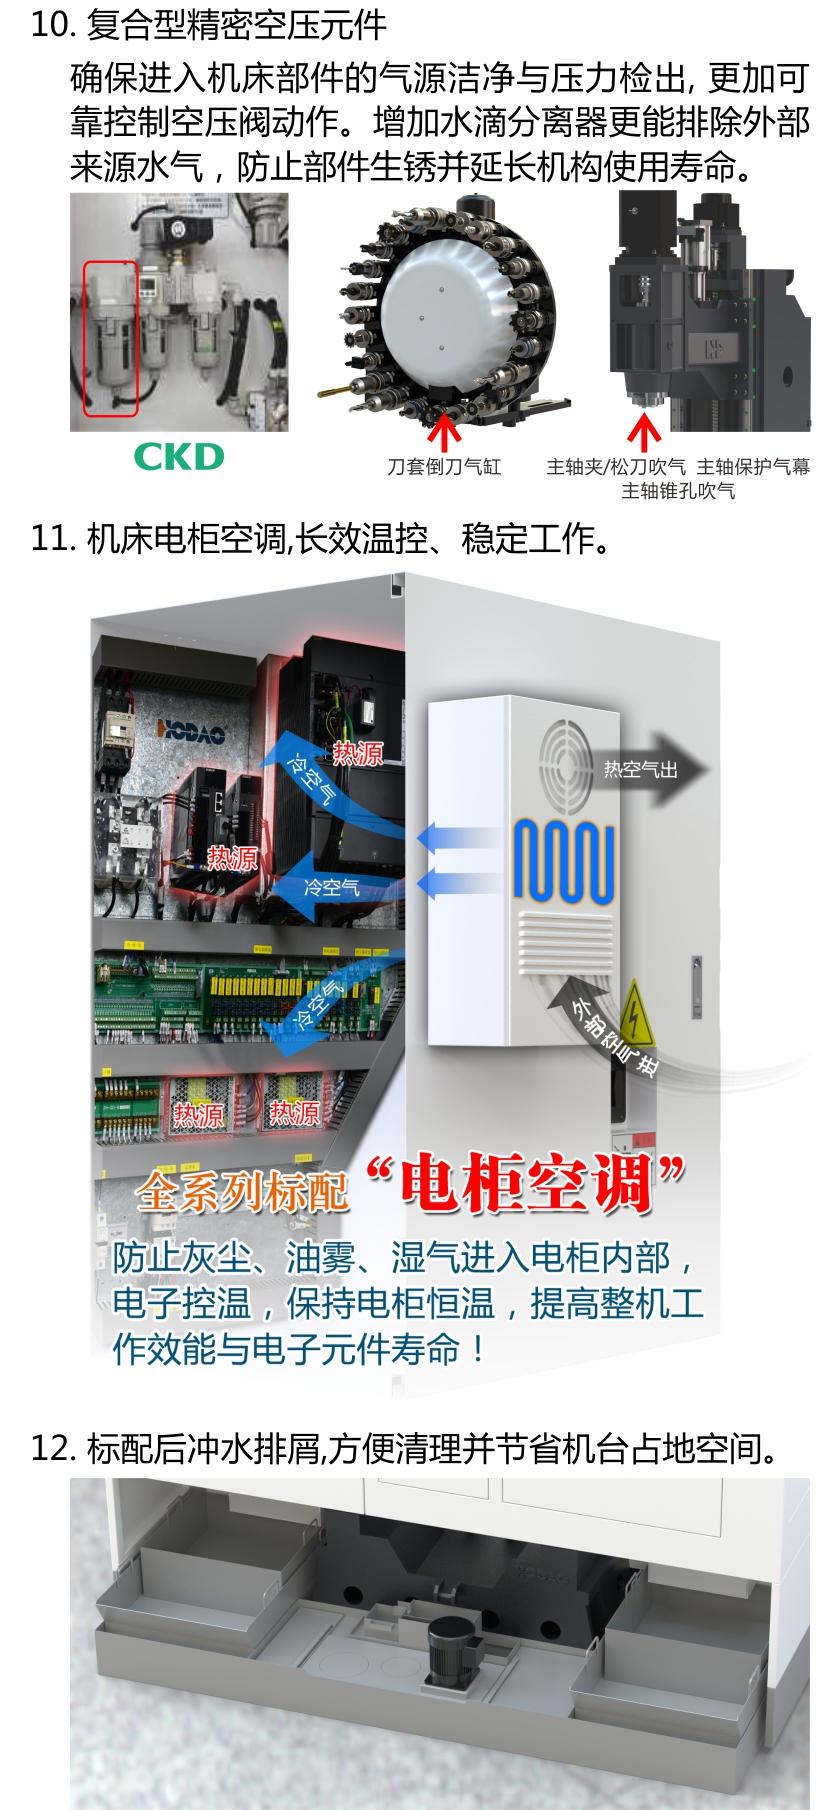 HD-V116F 高刚性三轴线轨立加